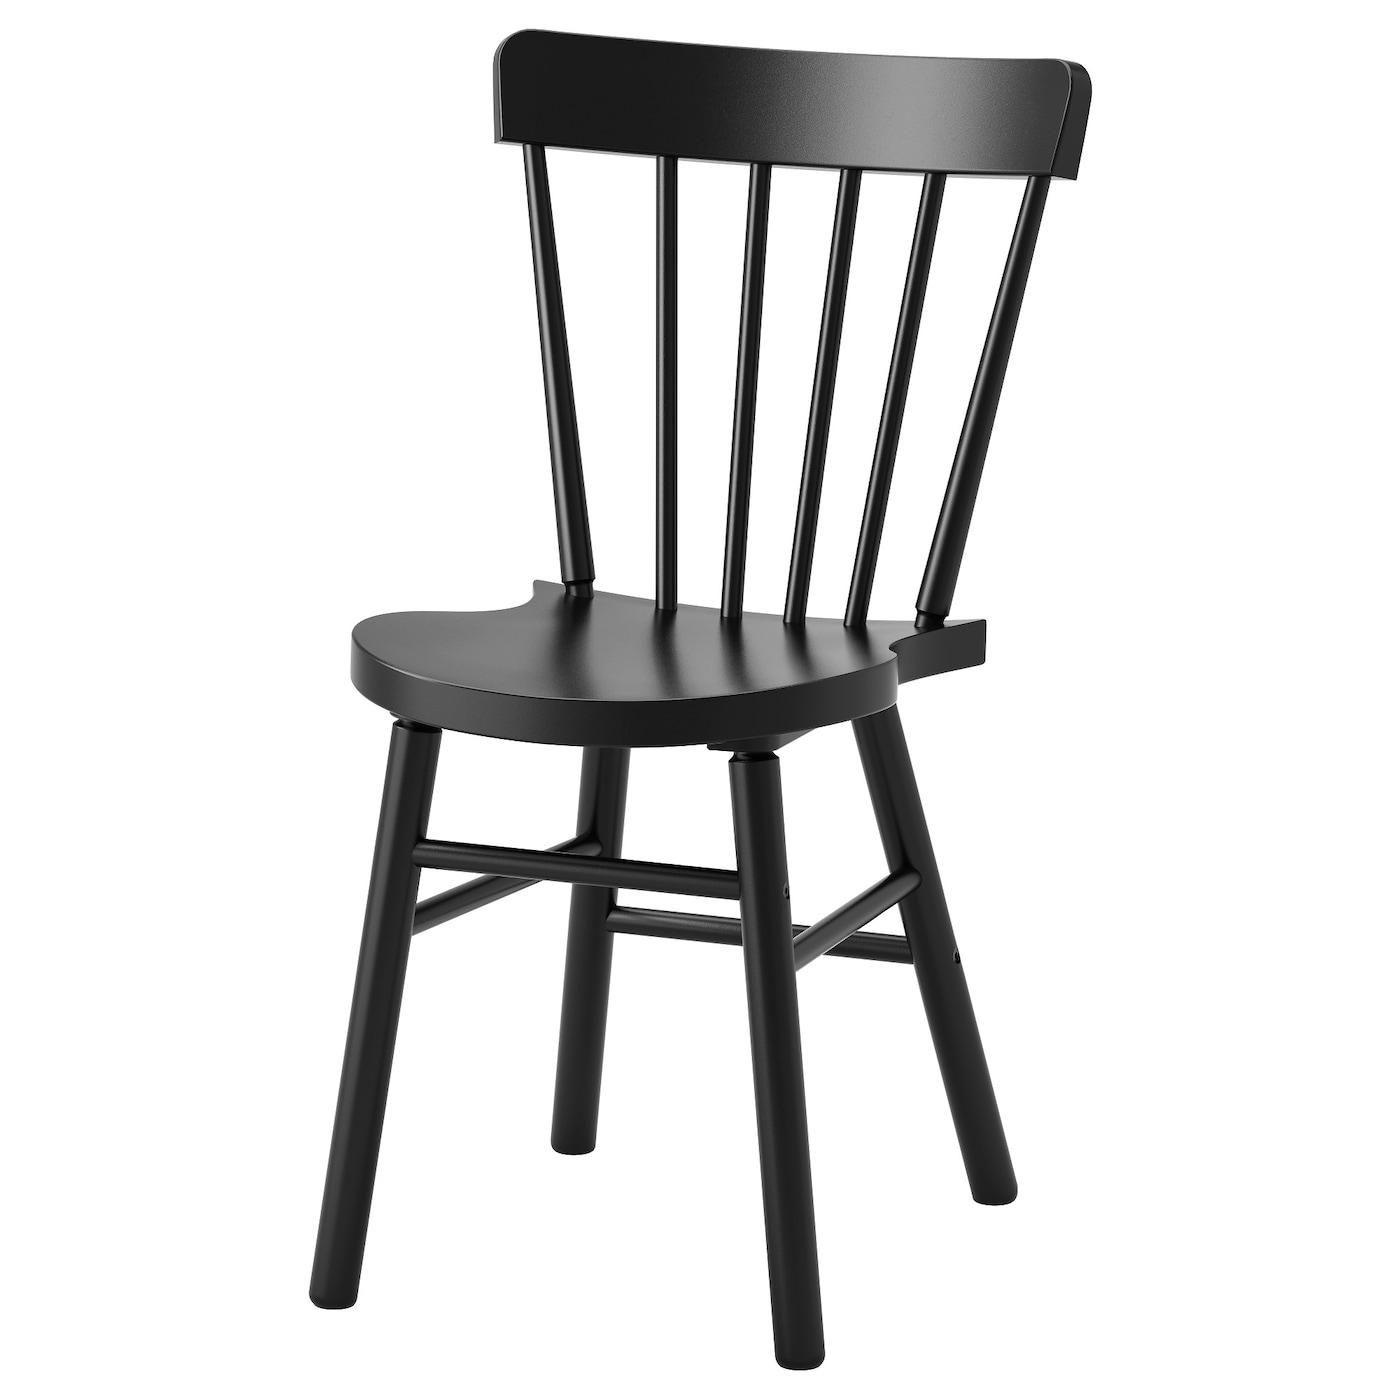 Eetkamerstoelen - IKEA